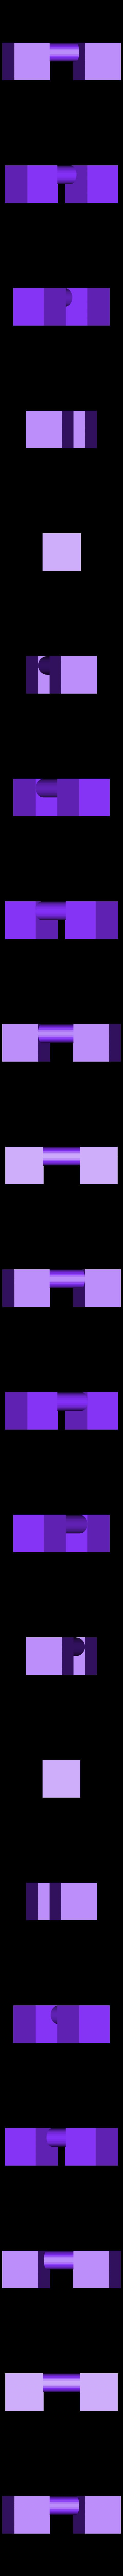 3pzlR_C.stl Download free STL file 3 piece puzzle (R) • 3D print template, bs3